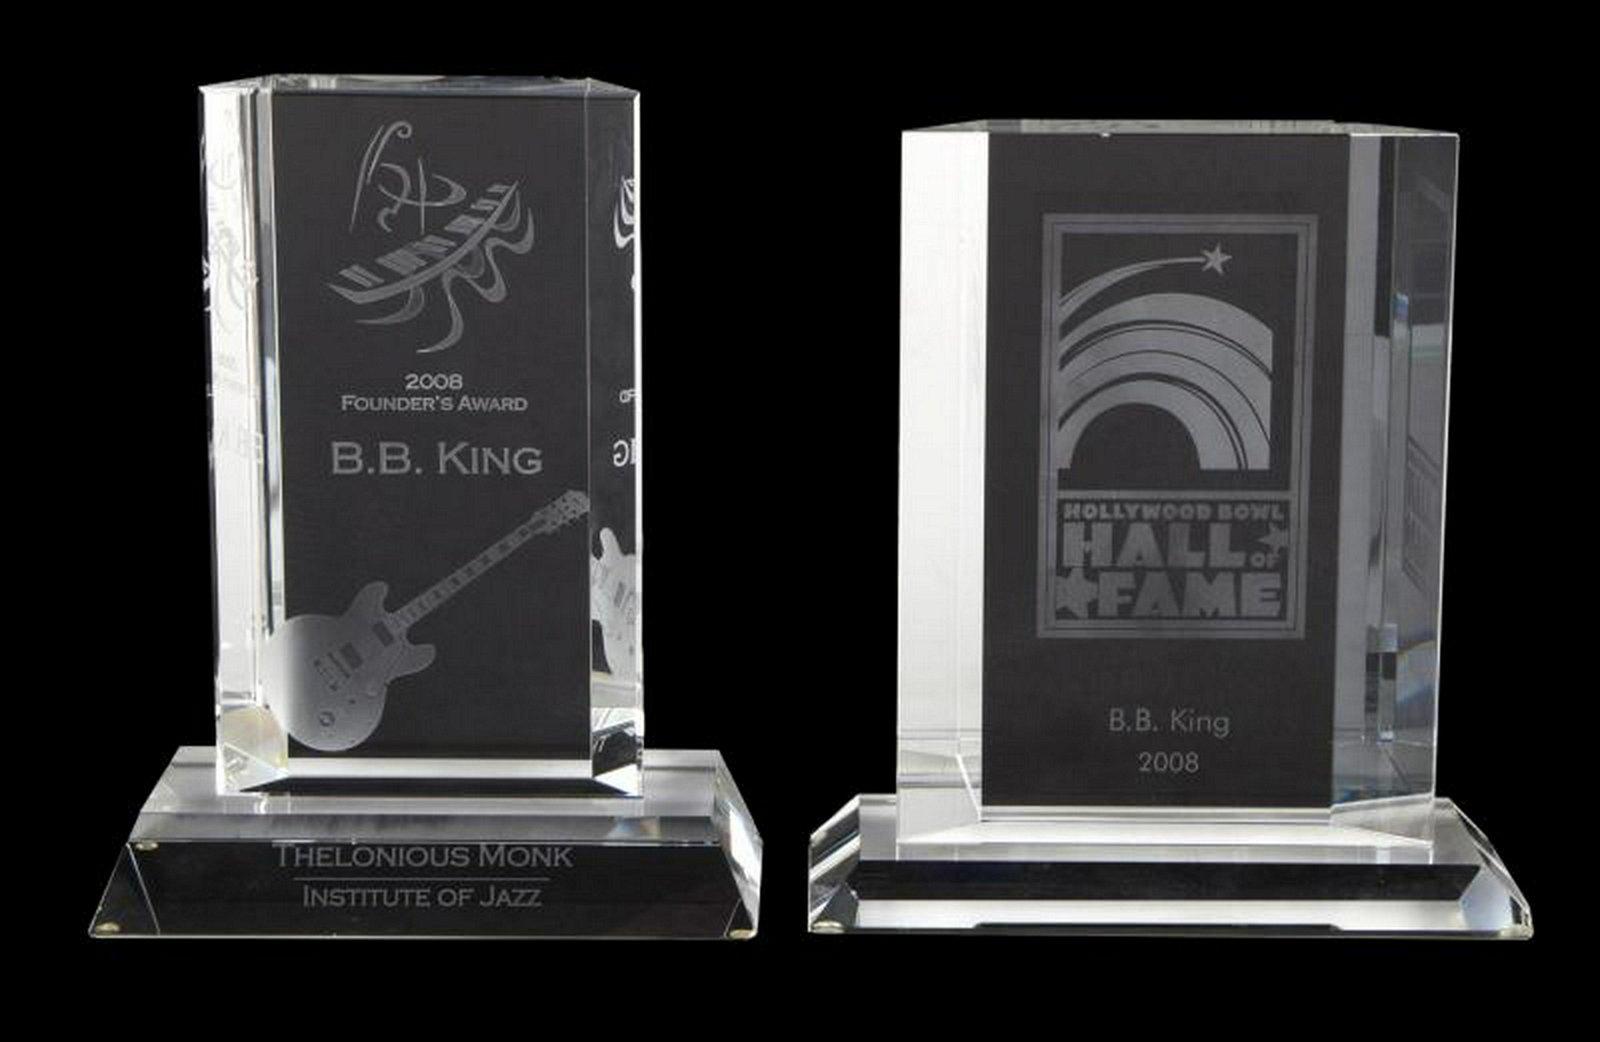 B.B. KING 2008 AWARDS